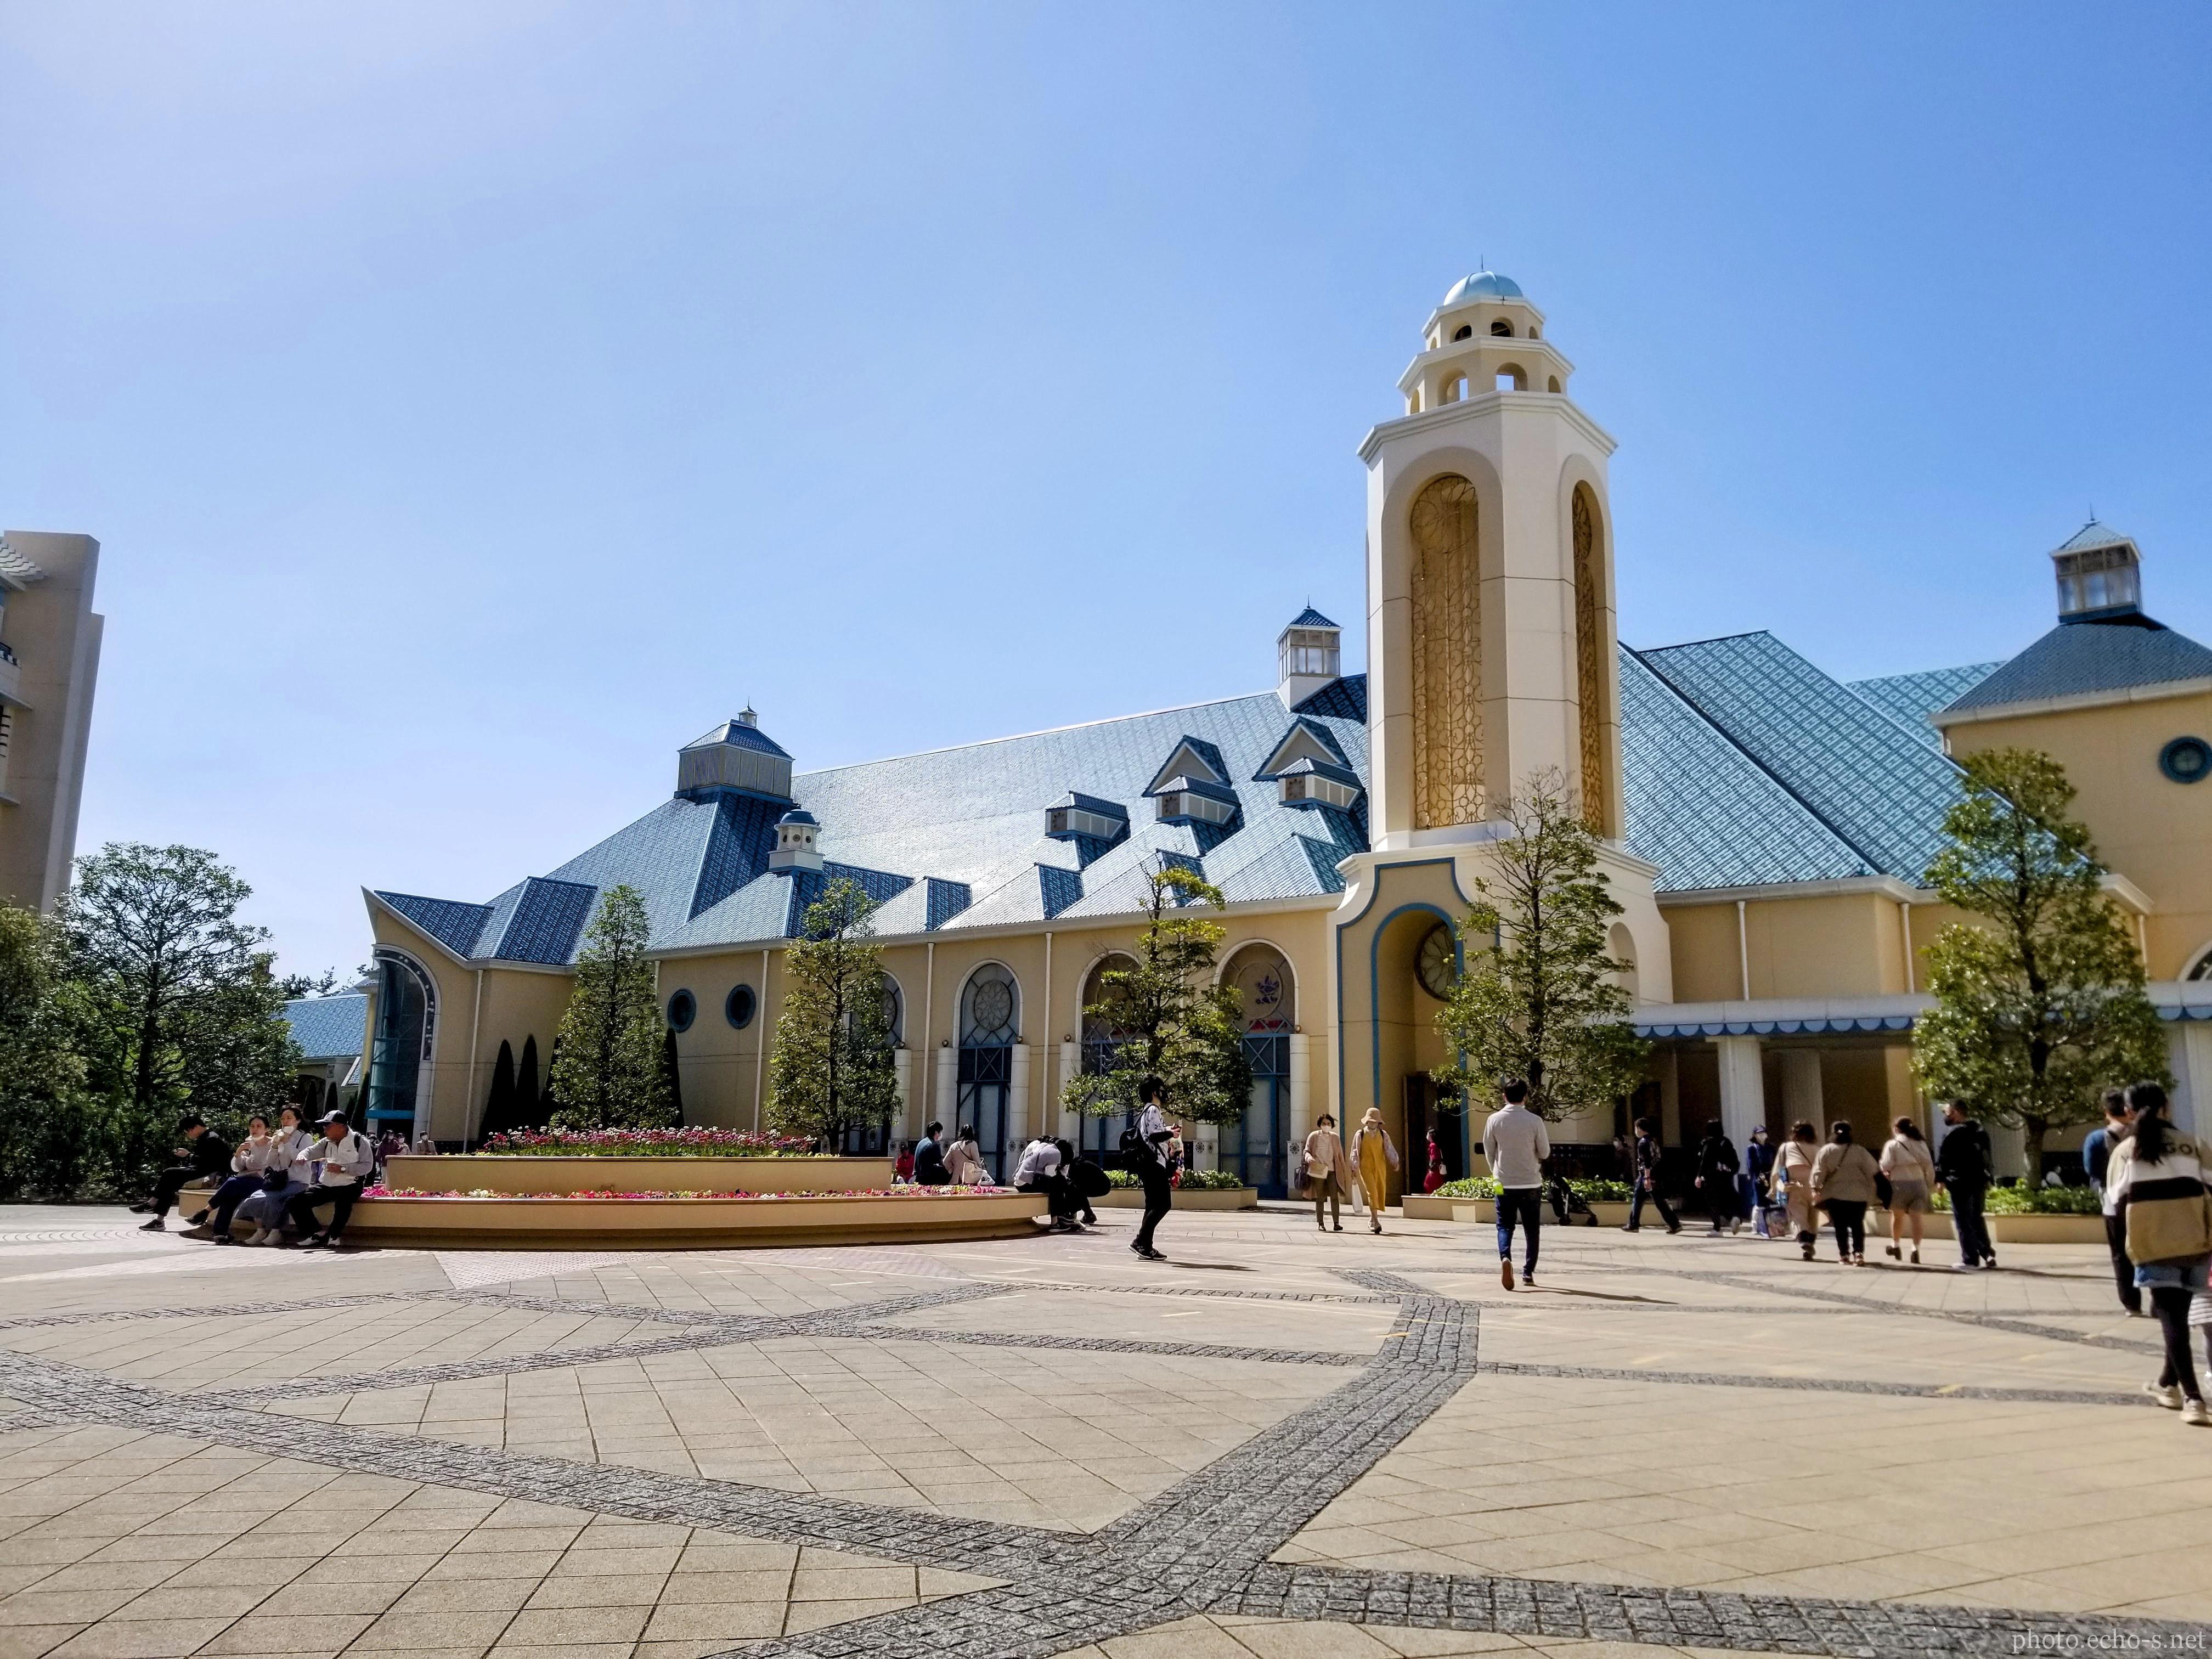 舞浜 ディズニーアンバサダーホテル中庭 イクスピアリ